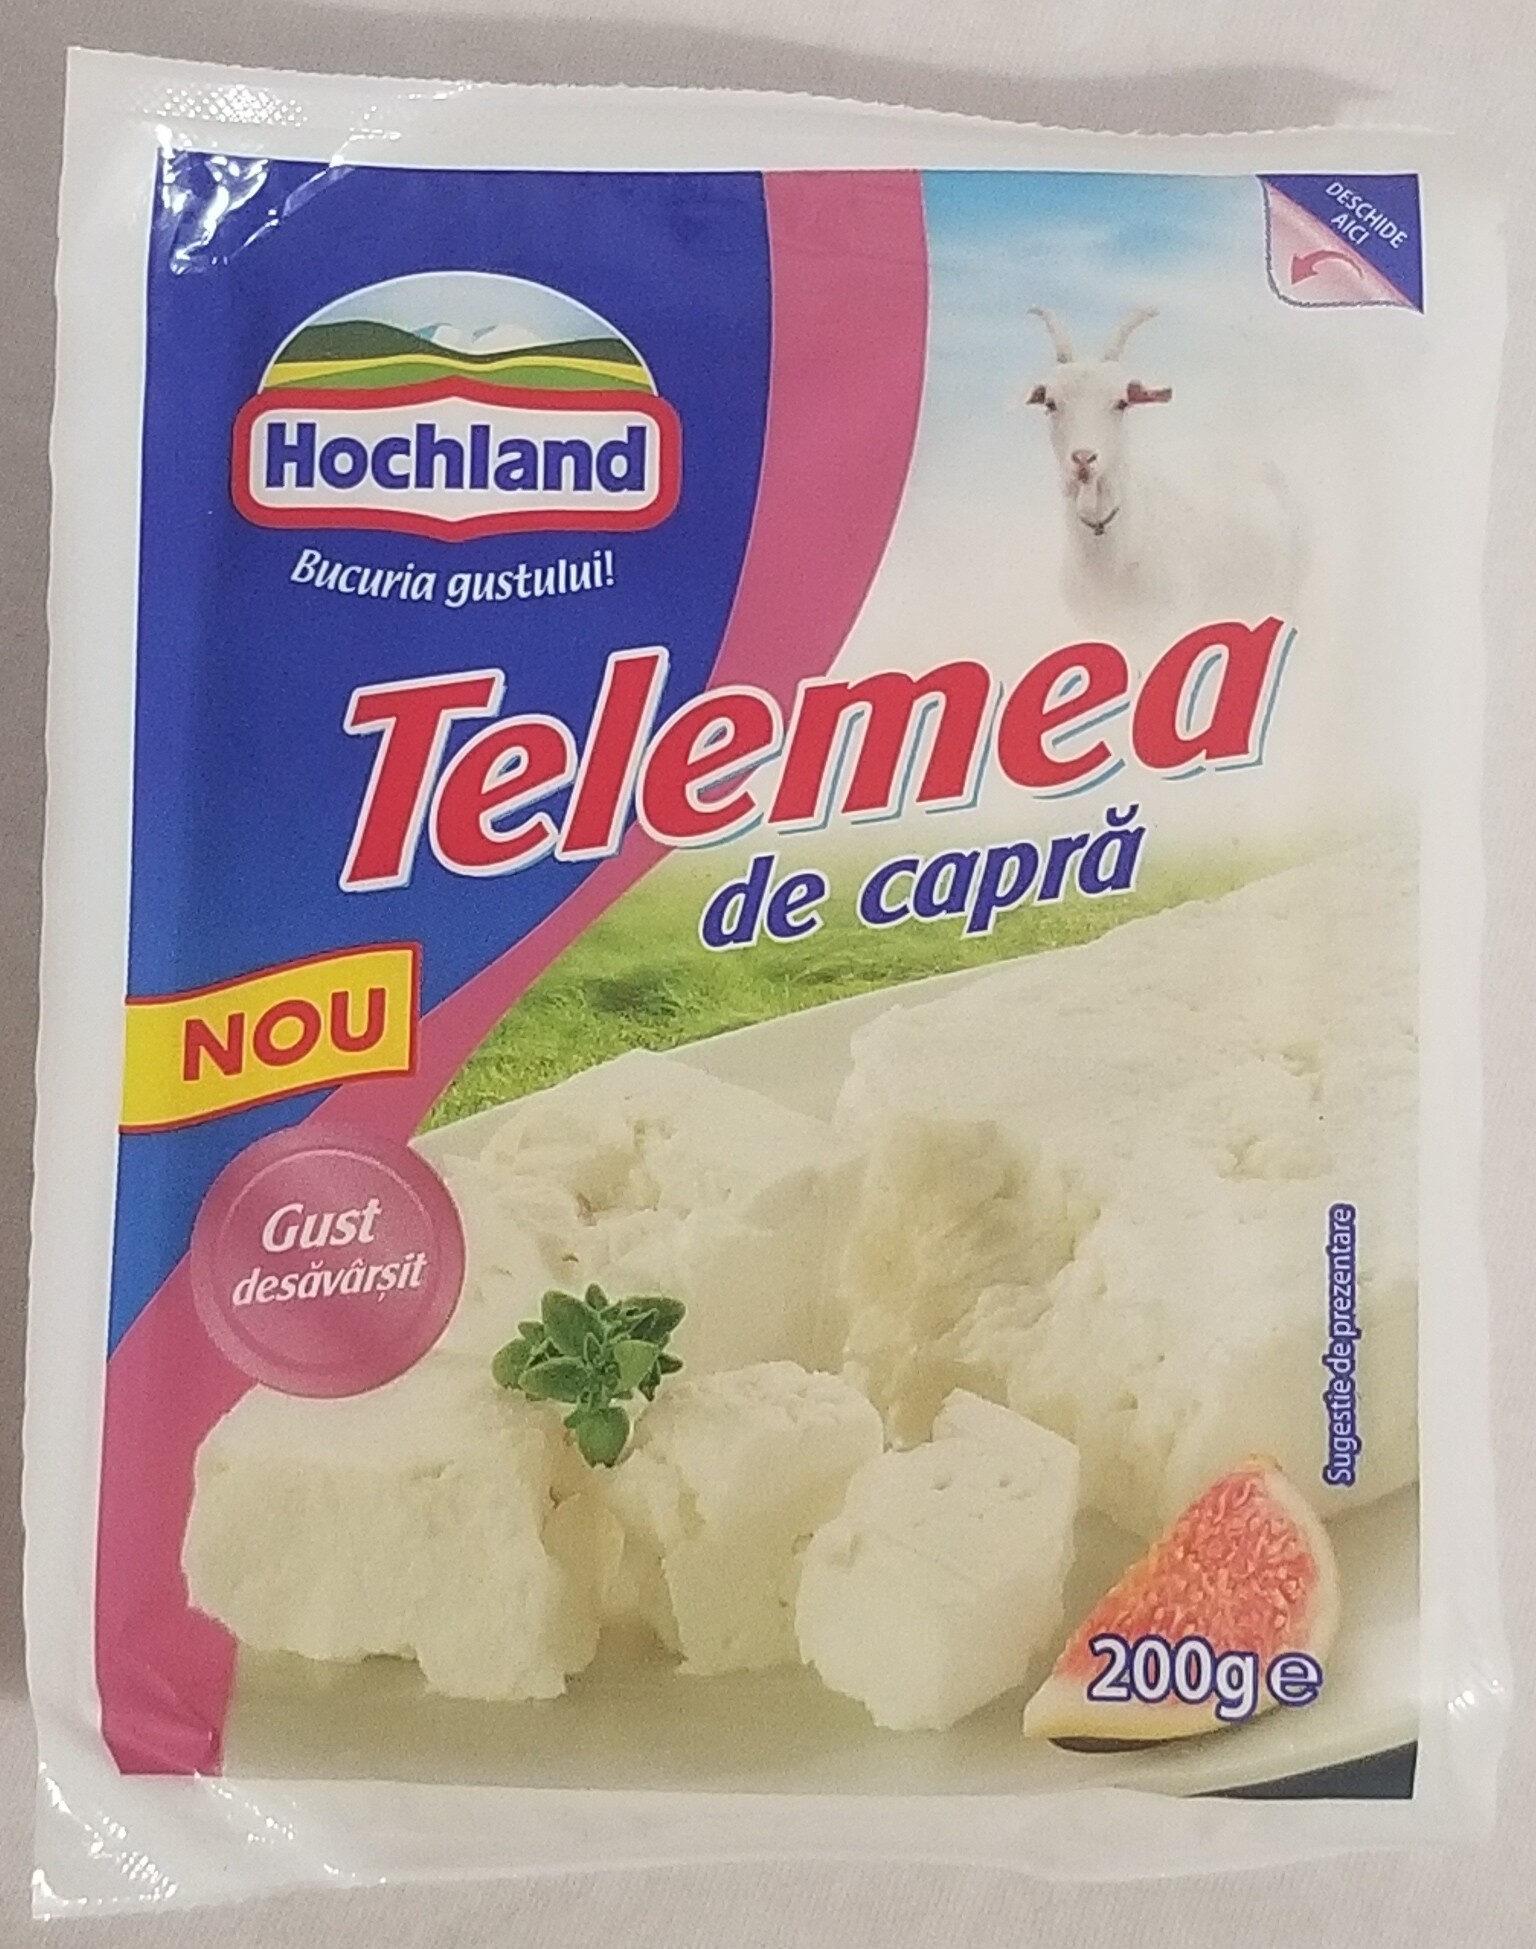 Hochland Telemea de capră - Produit - ro